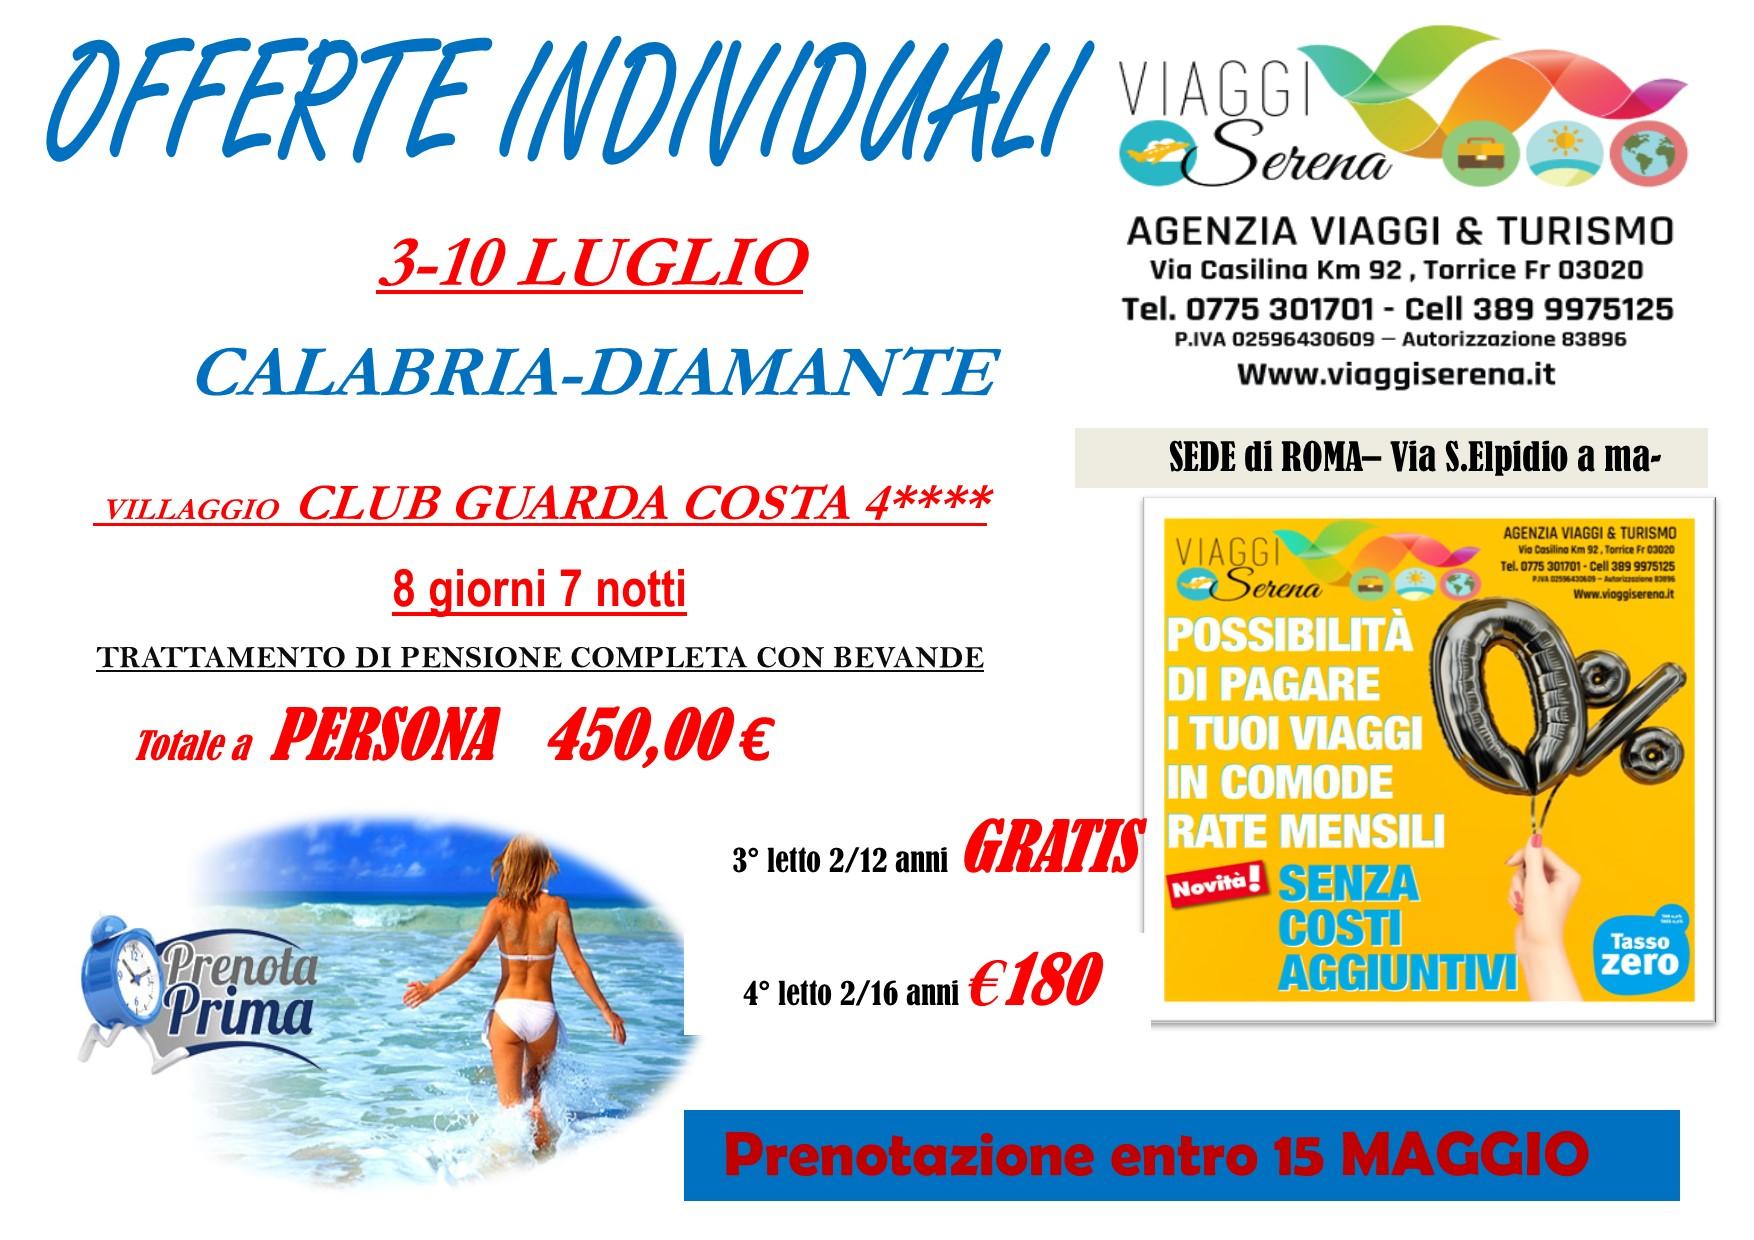 """Offerte Individuali : soggiorno mare con """"prenota prima"""" Calabria-Diamante!!!"""